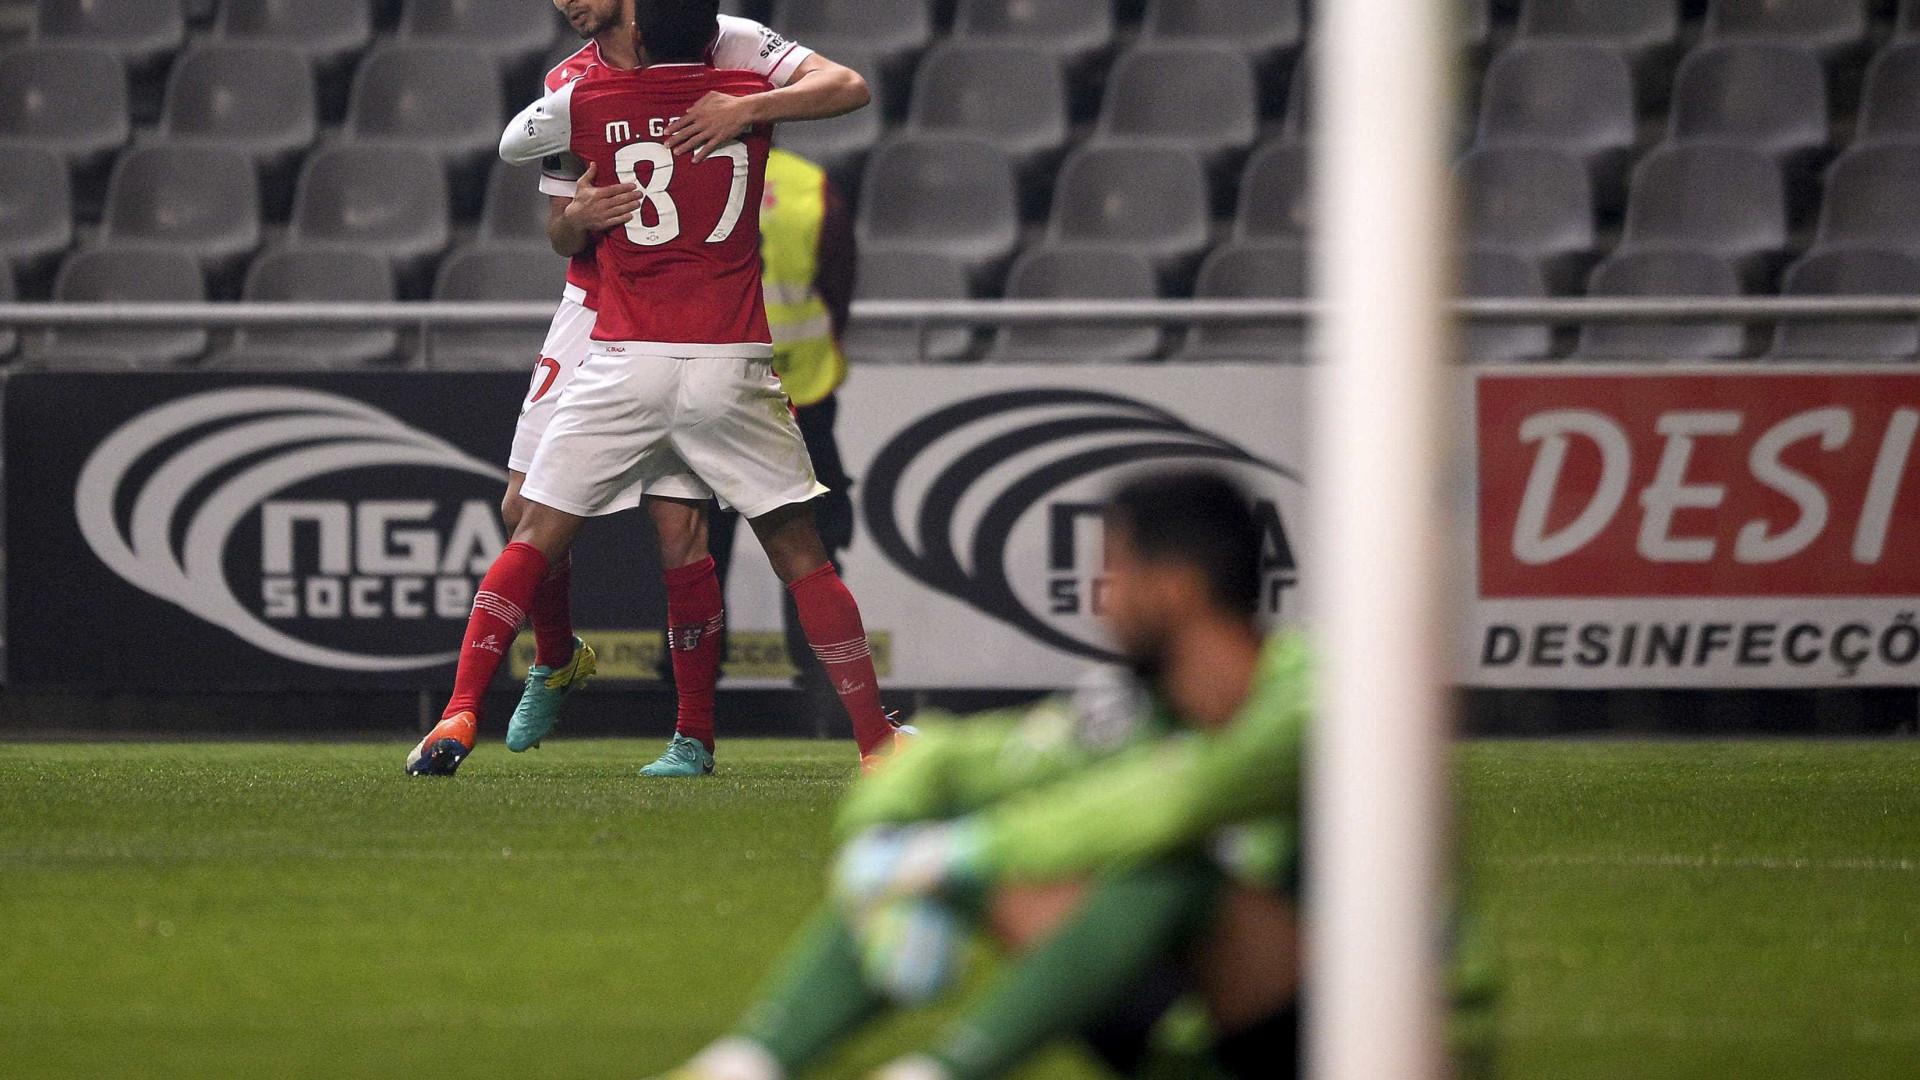 Festival de golos deixa Sp. Braga no terceiro lugar do campeonato